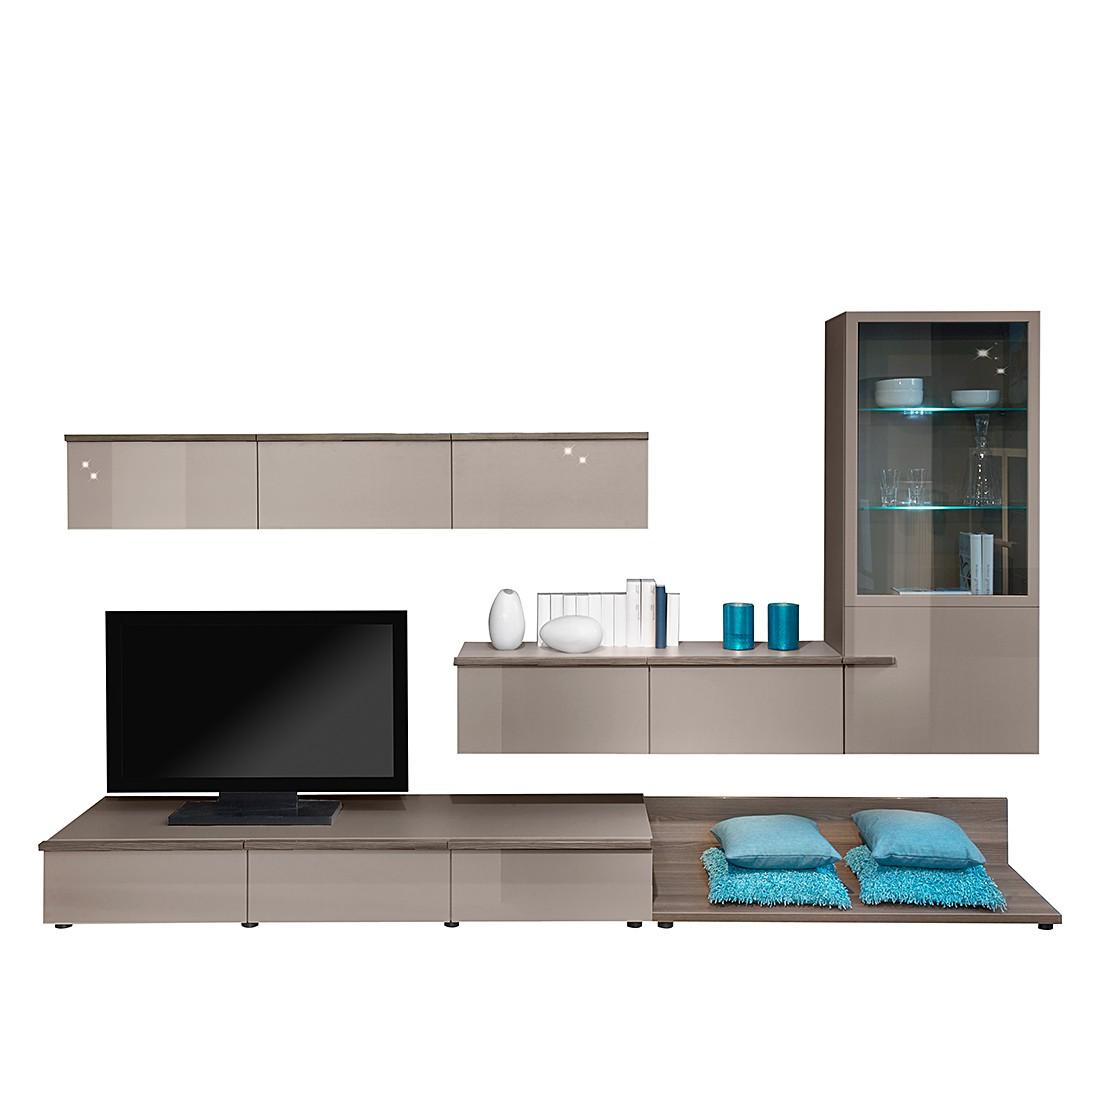 wohnwand linea w 5 teilig hochglanz steingrau esche dunkel dekor arte m von arte m. Black Bedroom Furniture Sets. Home Design Ideas